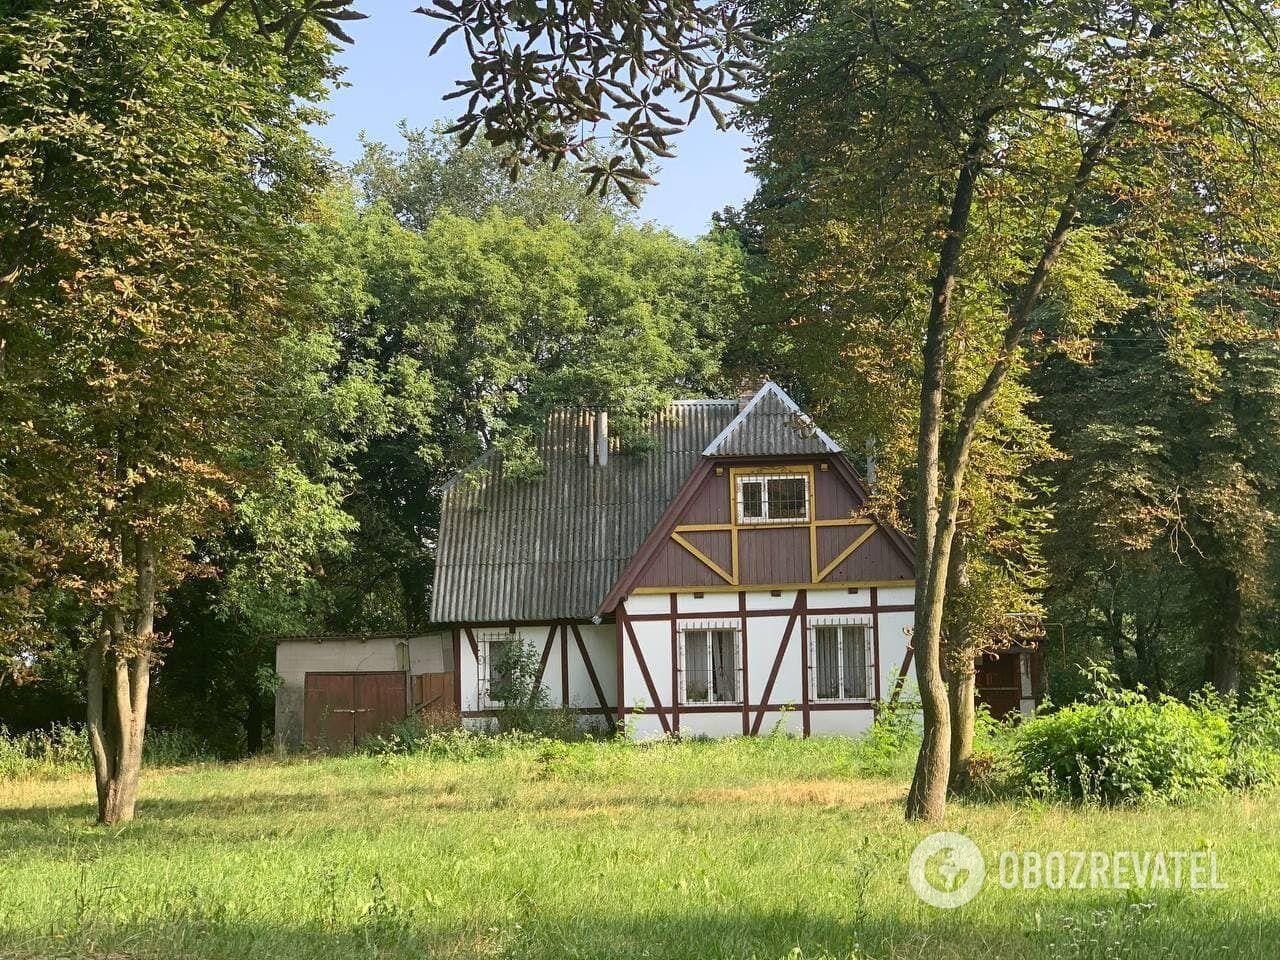 Фахверковый дом в городском парке.